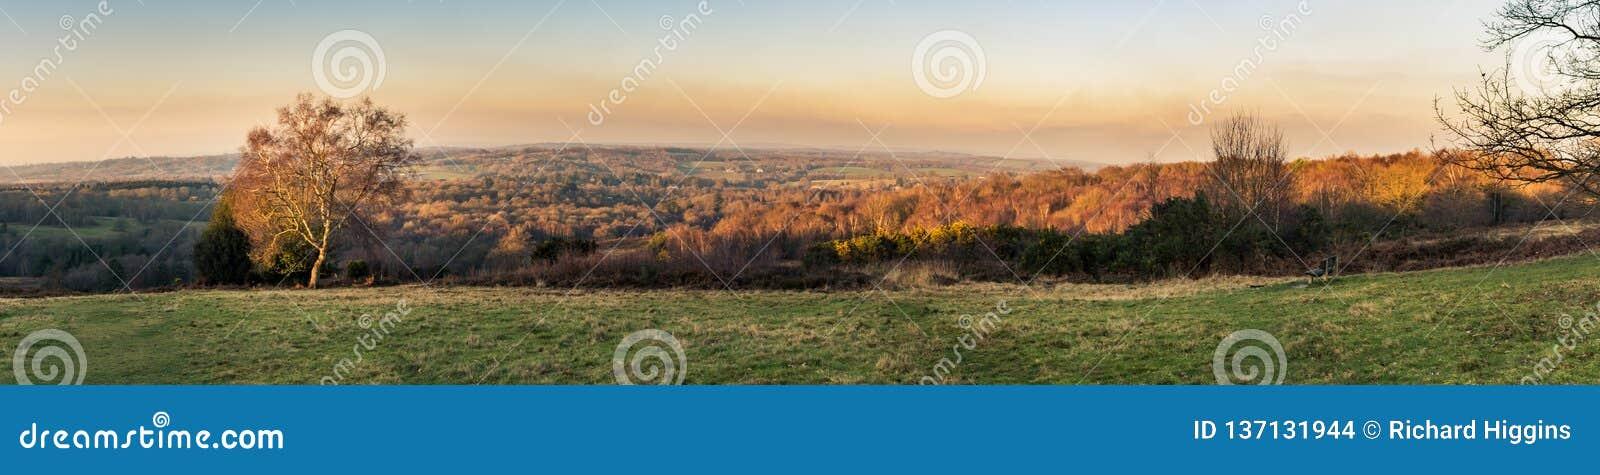 Vue panoramique de coucher du soleil au-dessus de la forêt d Ashdown dans le Sussex, Angleterre, BRITANNIQUE une soirée en hiver,